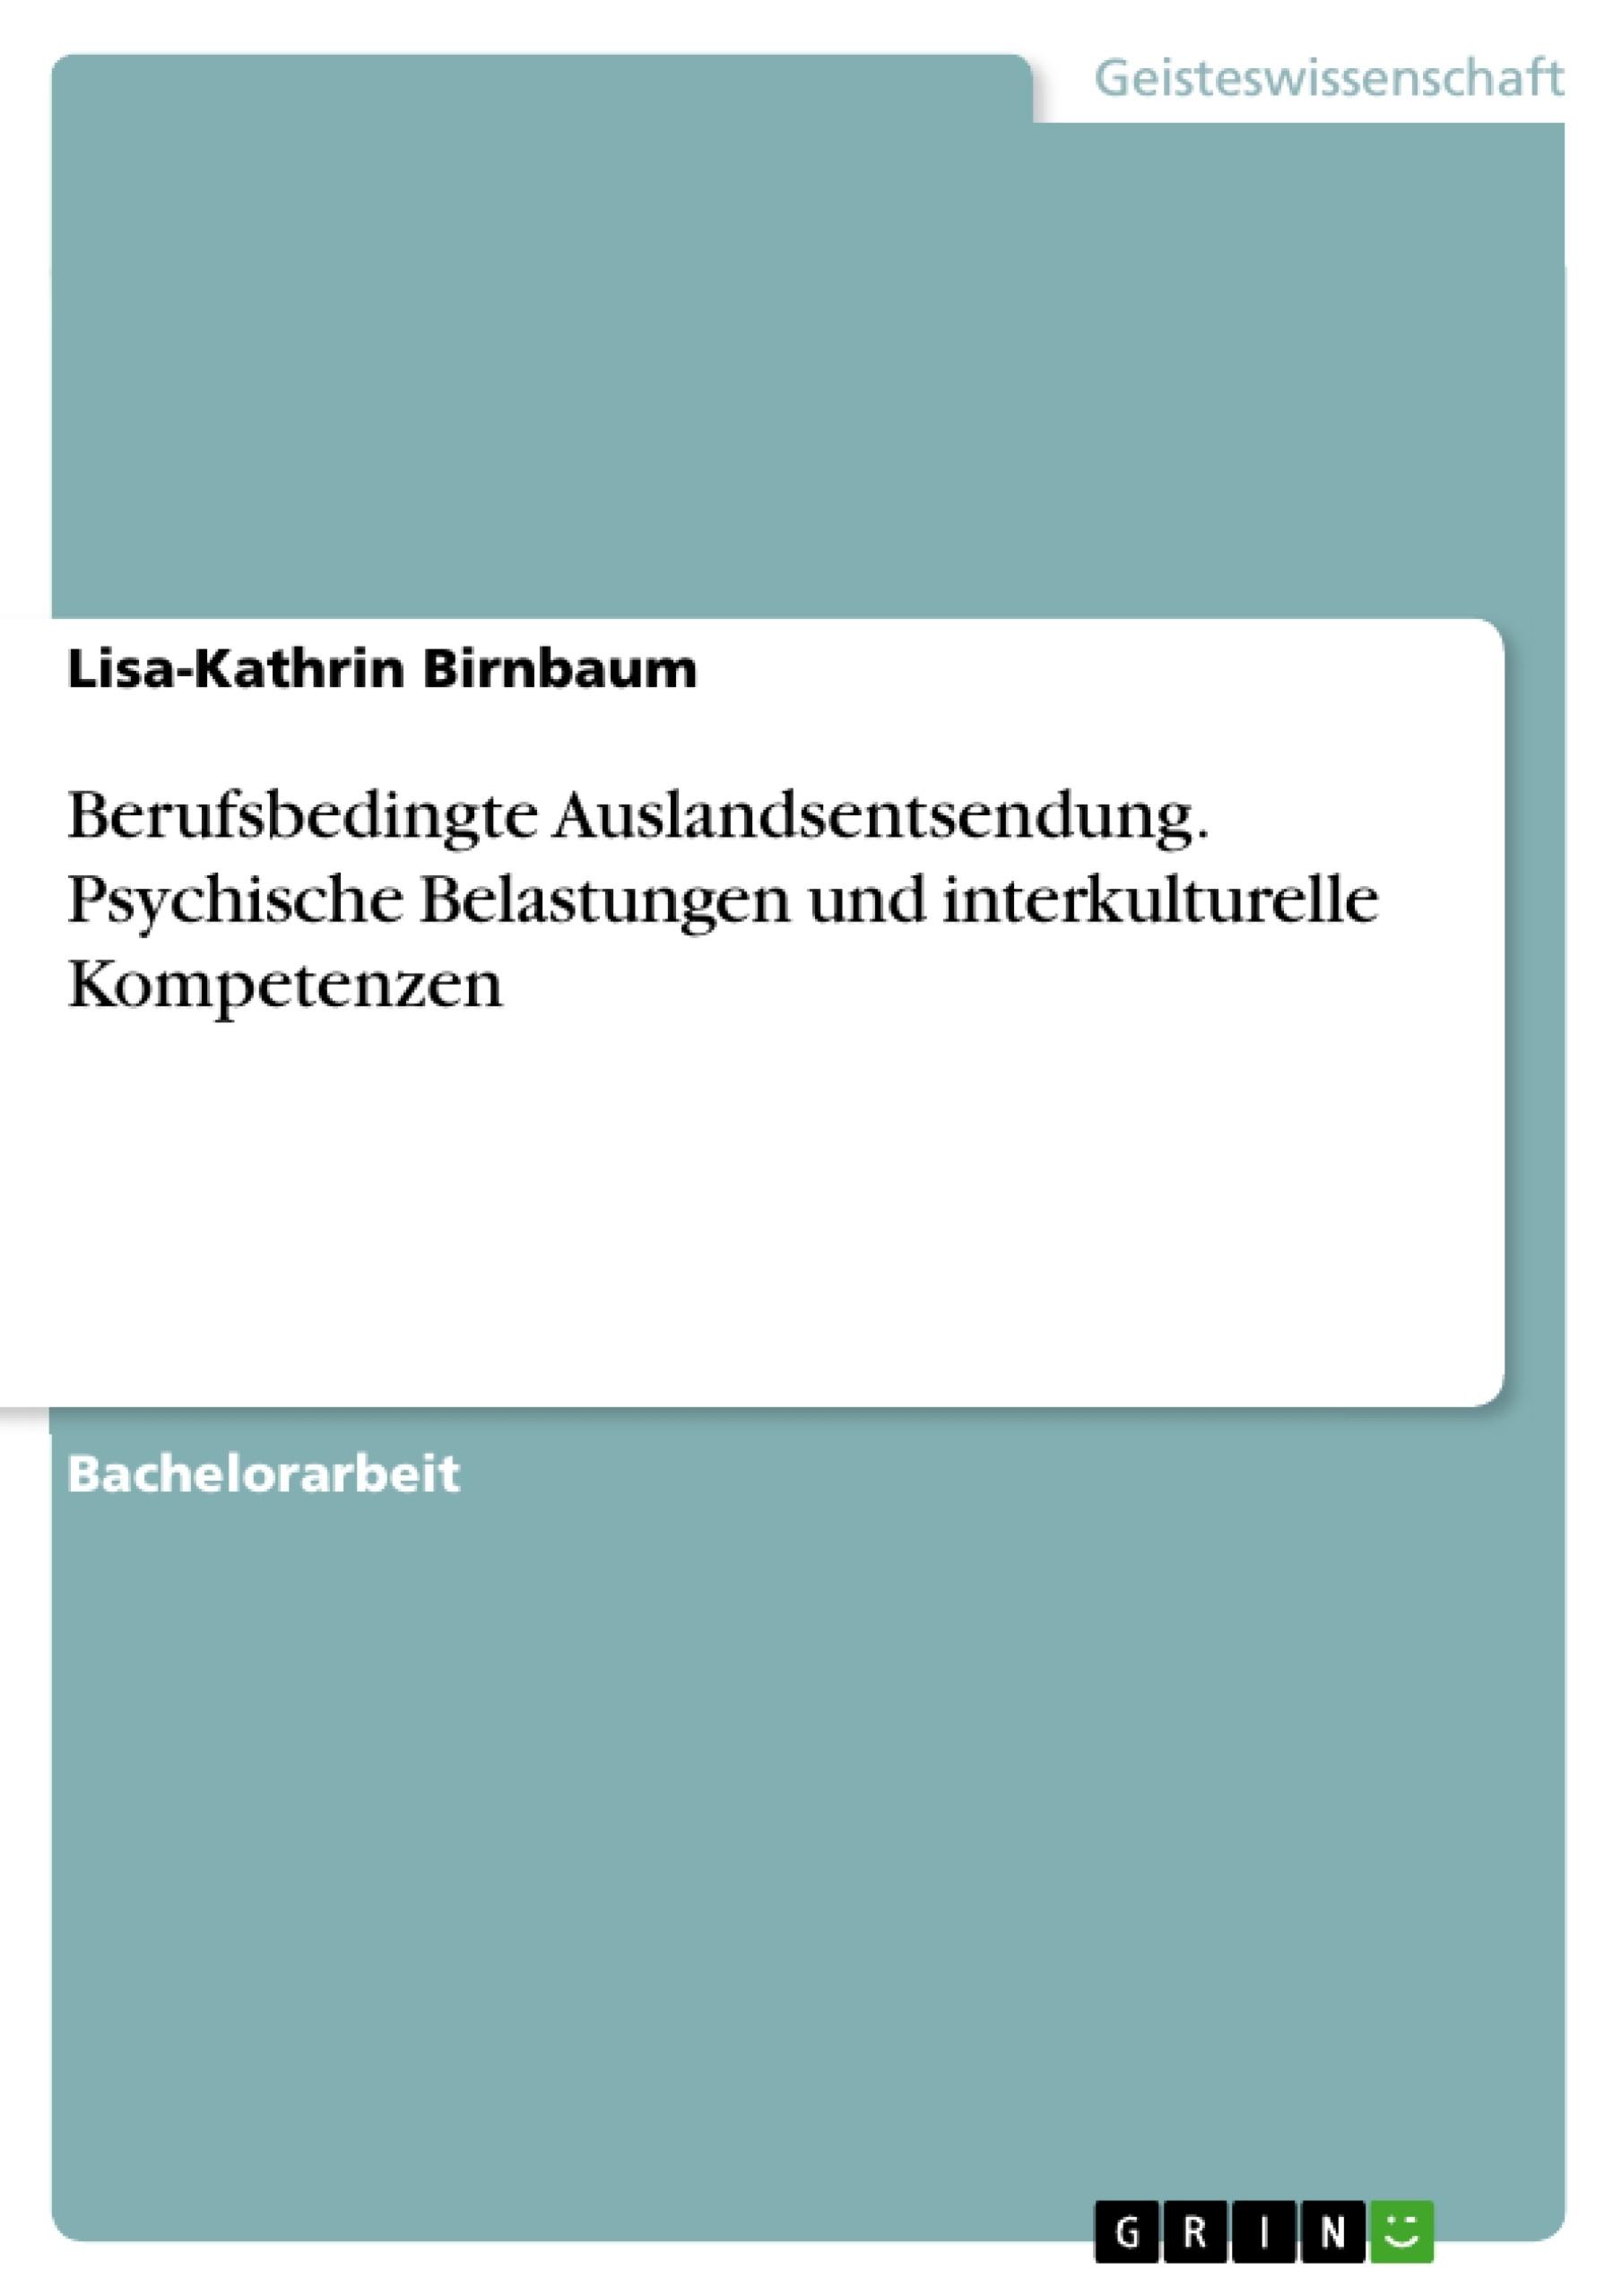 Titel: Berufsbedingte Auslandsentsendung. Psychische Belastungen und interkulturelle Kompetenzen